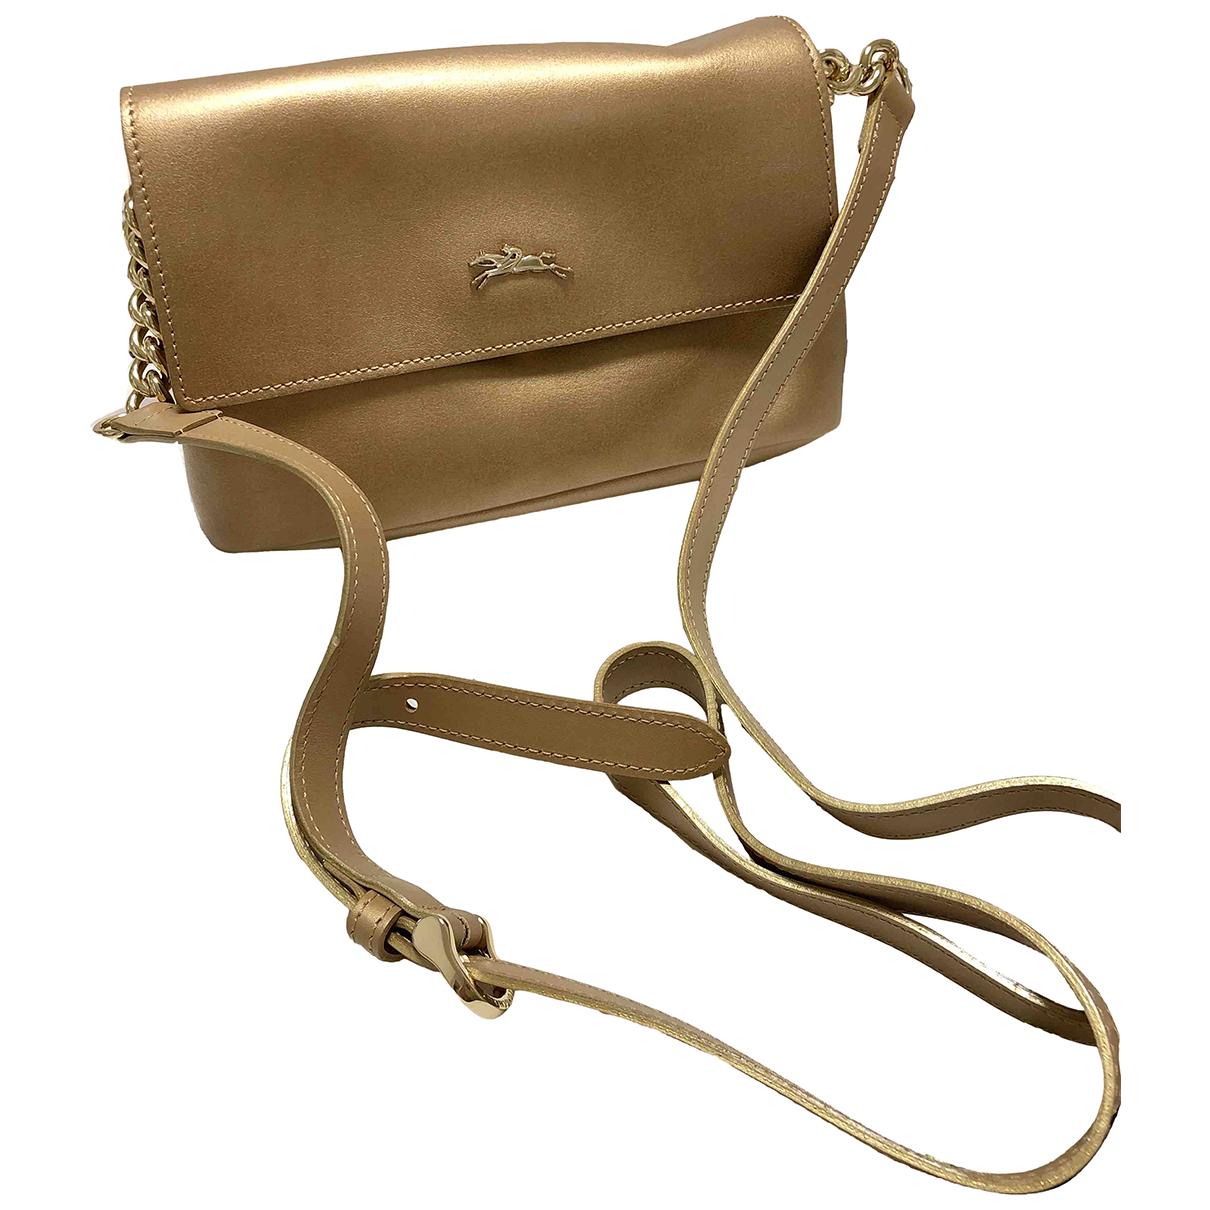 Longchamp \N Gold Leather handbag for Women \N